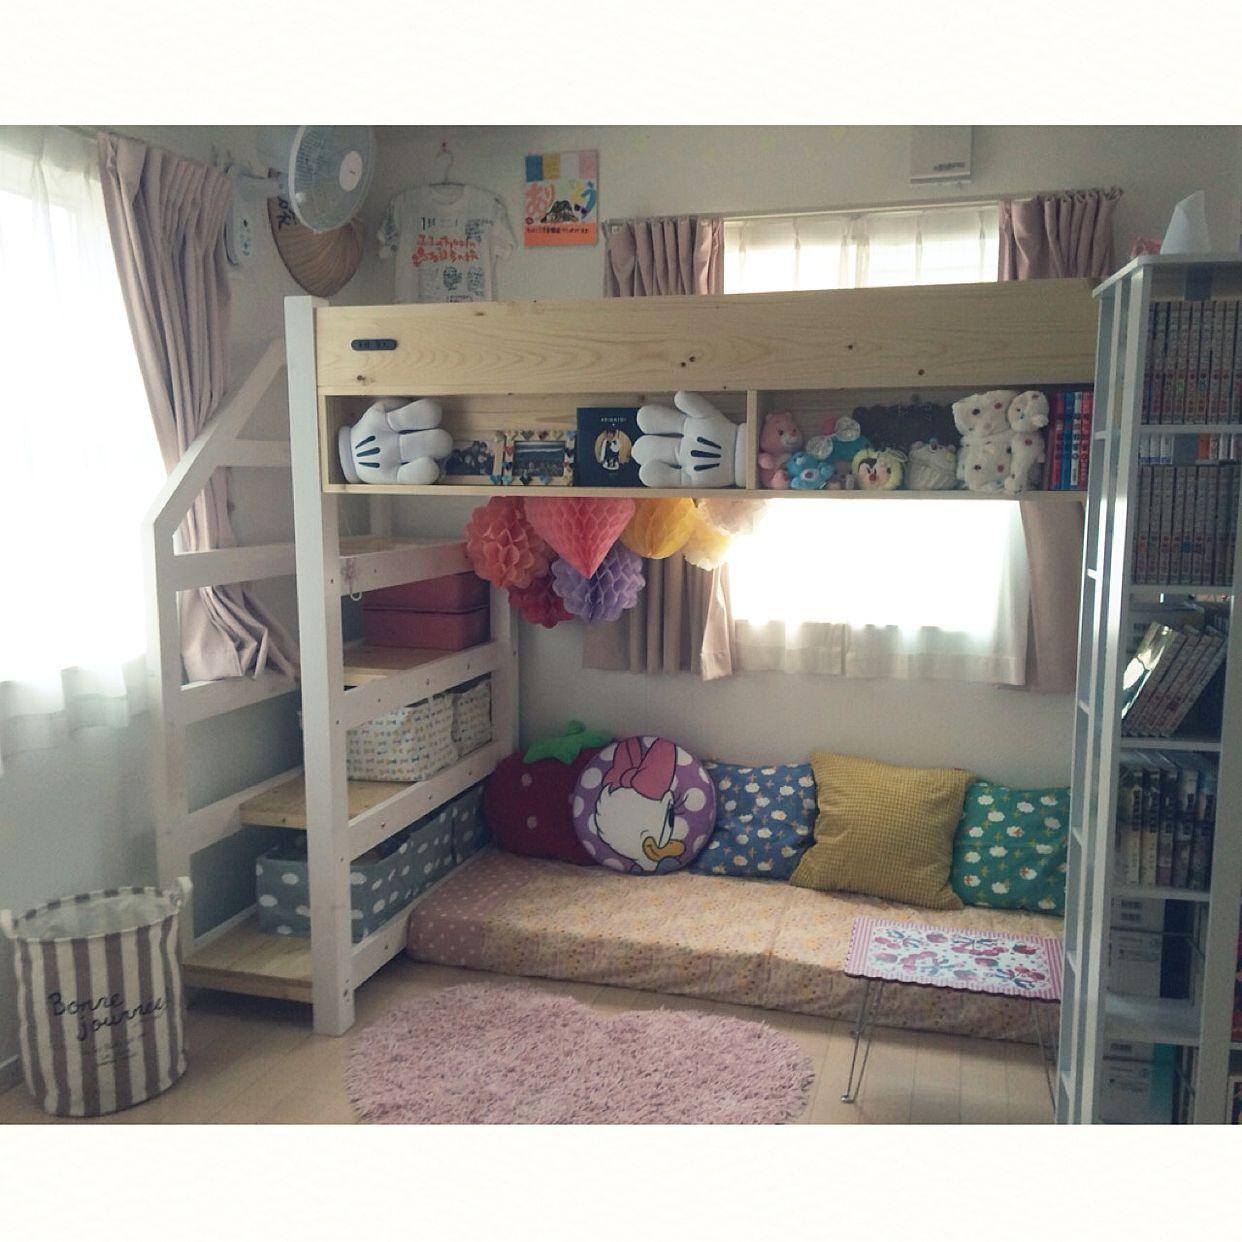 ロフトベッド 子供部屋 の画像検索結果 ロフトベッド Ikea ベッド ロフトベッド 子供部屋